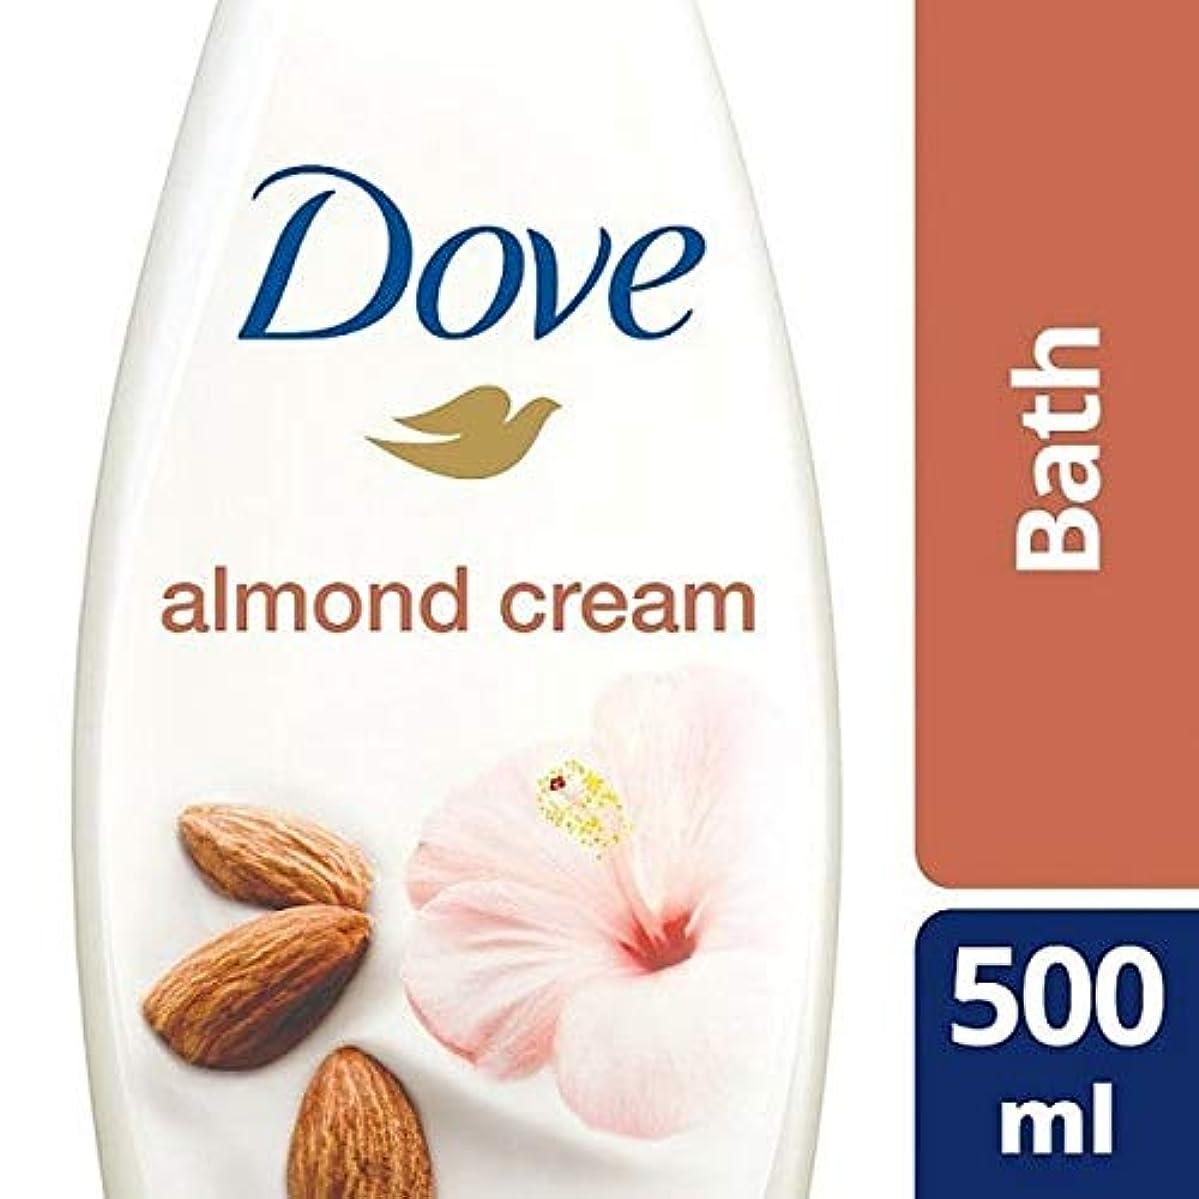 変換するナプキン尋ねる[Dove ] 純粋なアーモンド思いやりのあるクリームバスの500ミリリットルを甘やかす鳩 - Dove Purely Pampering Almond Caring Cream Bath 500ml [並行輸入品]